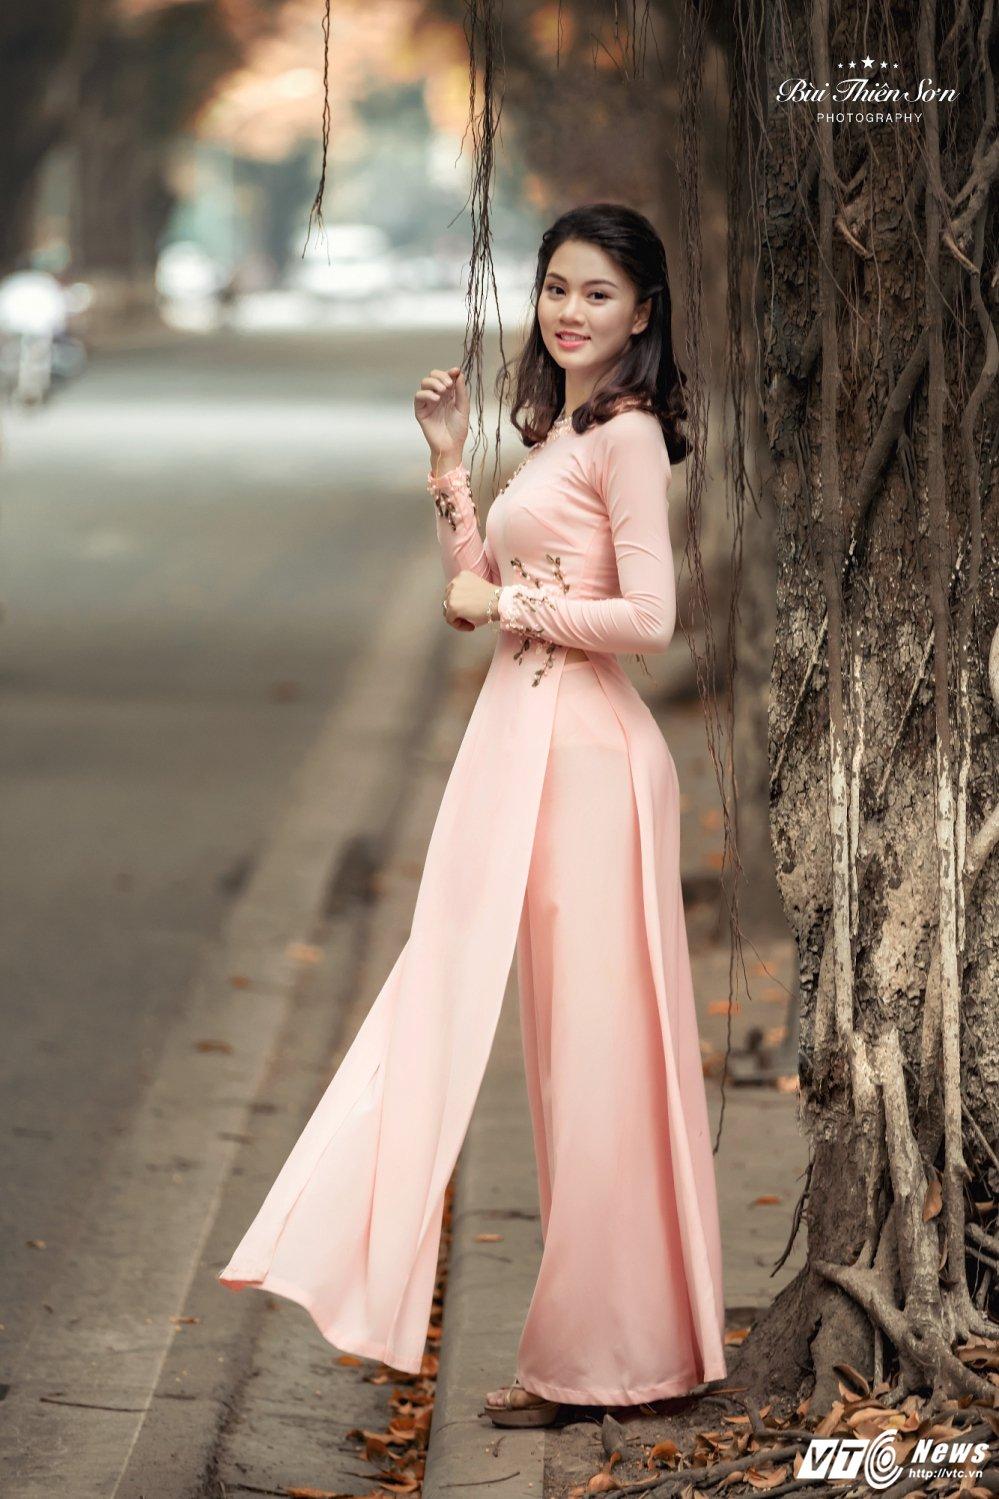 Hinh anh Hoa khoi CD canh sat nhan dan I dep nen na trong ta ao dai 4